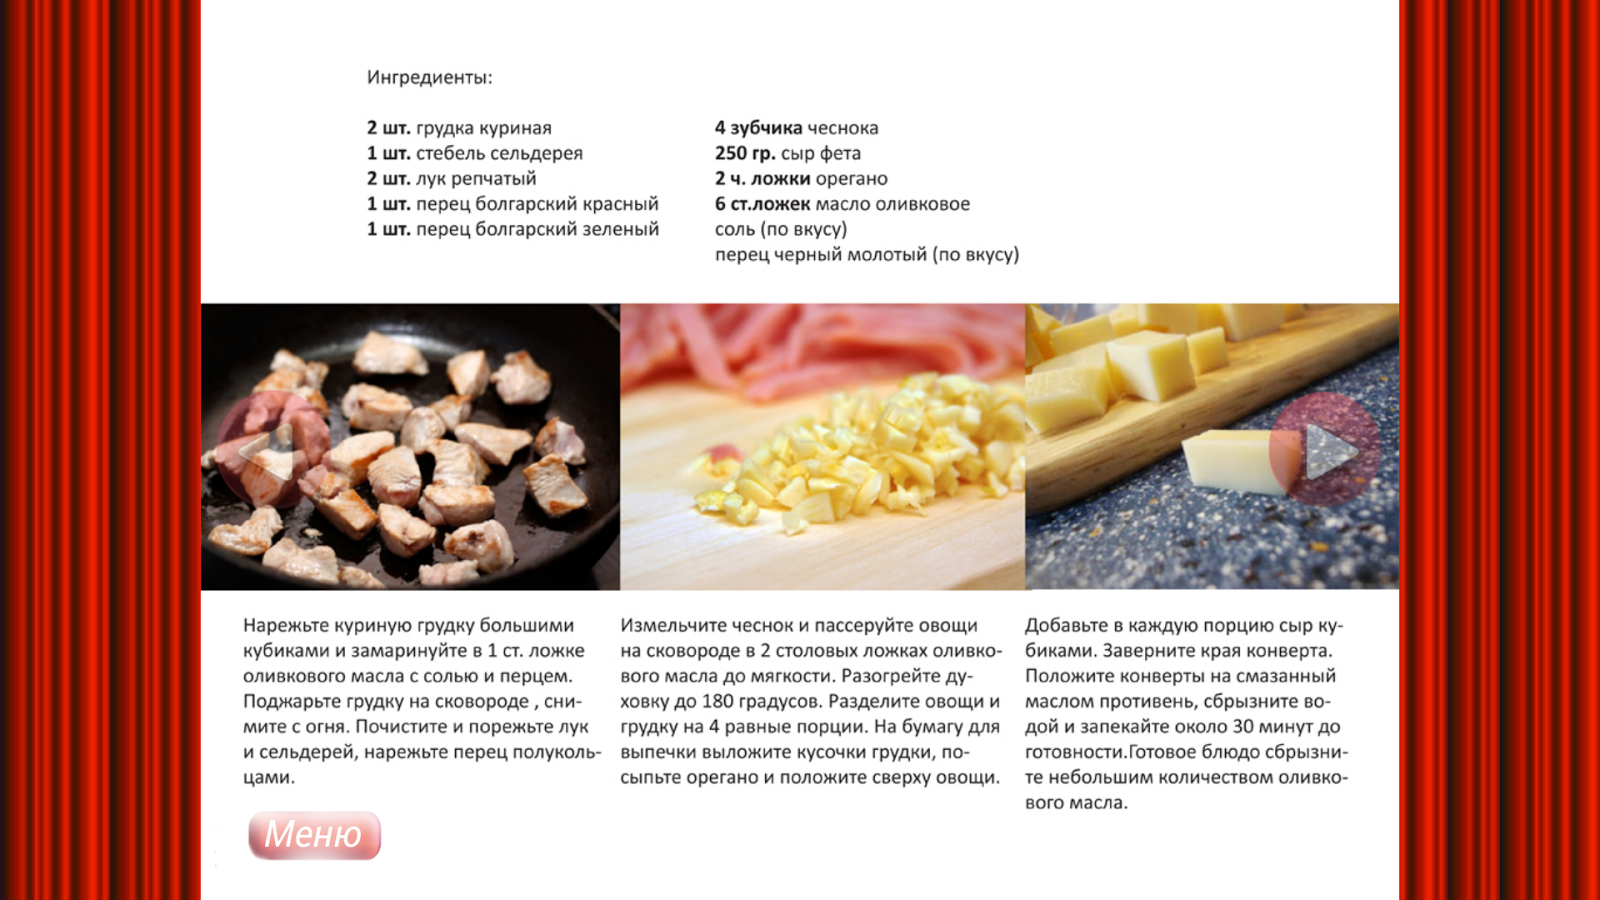 Как приготовить картошку как в макдональдсе по деревенски в духовке